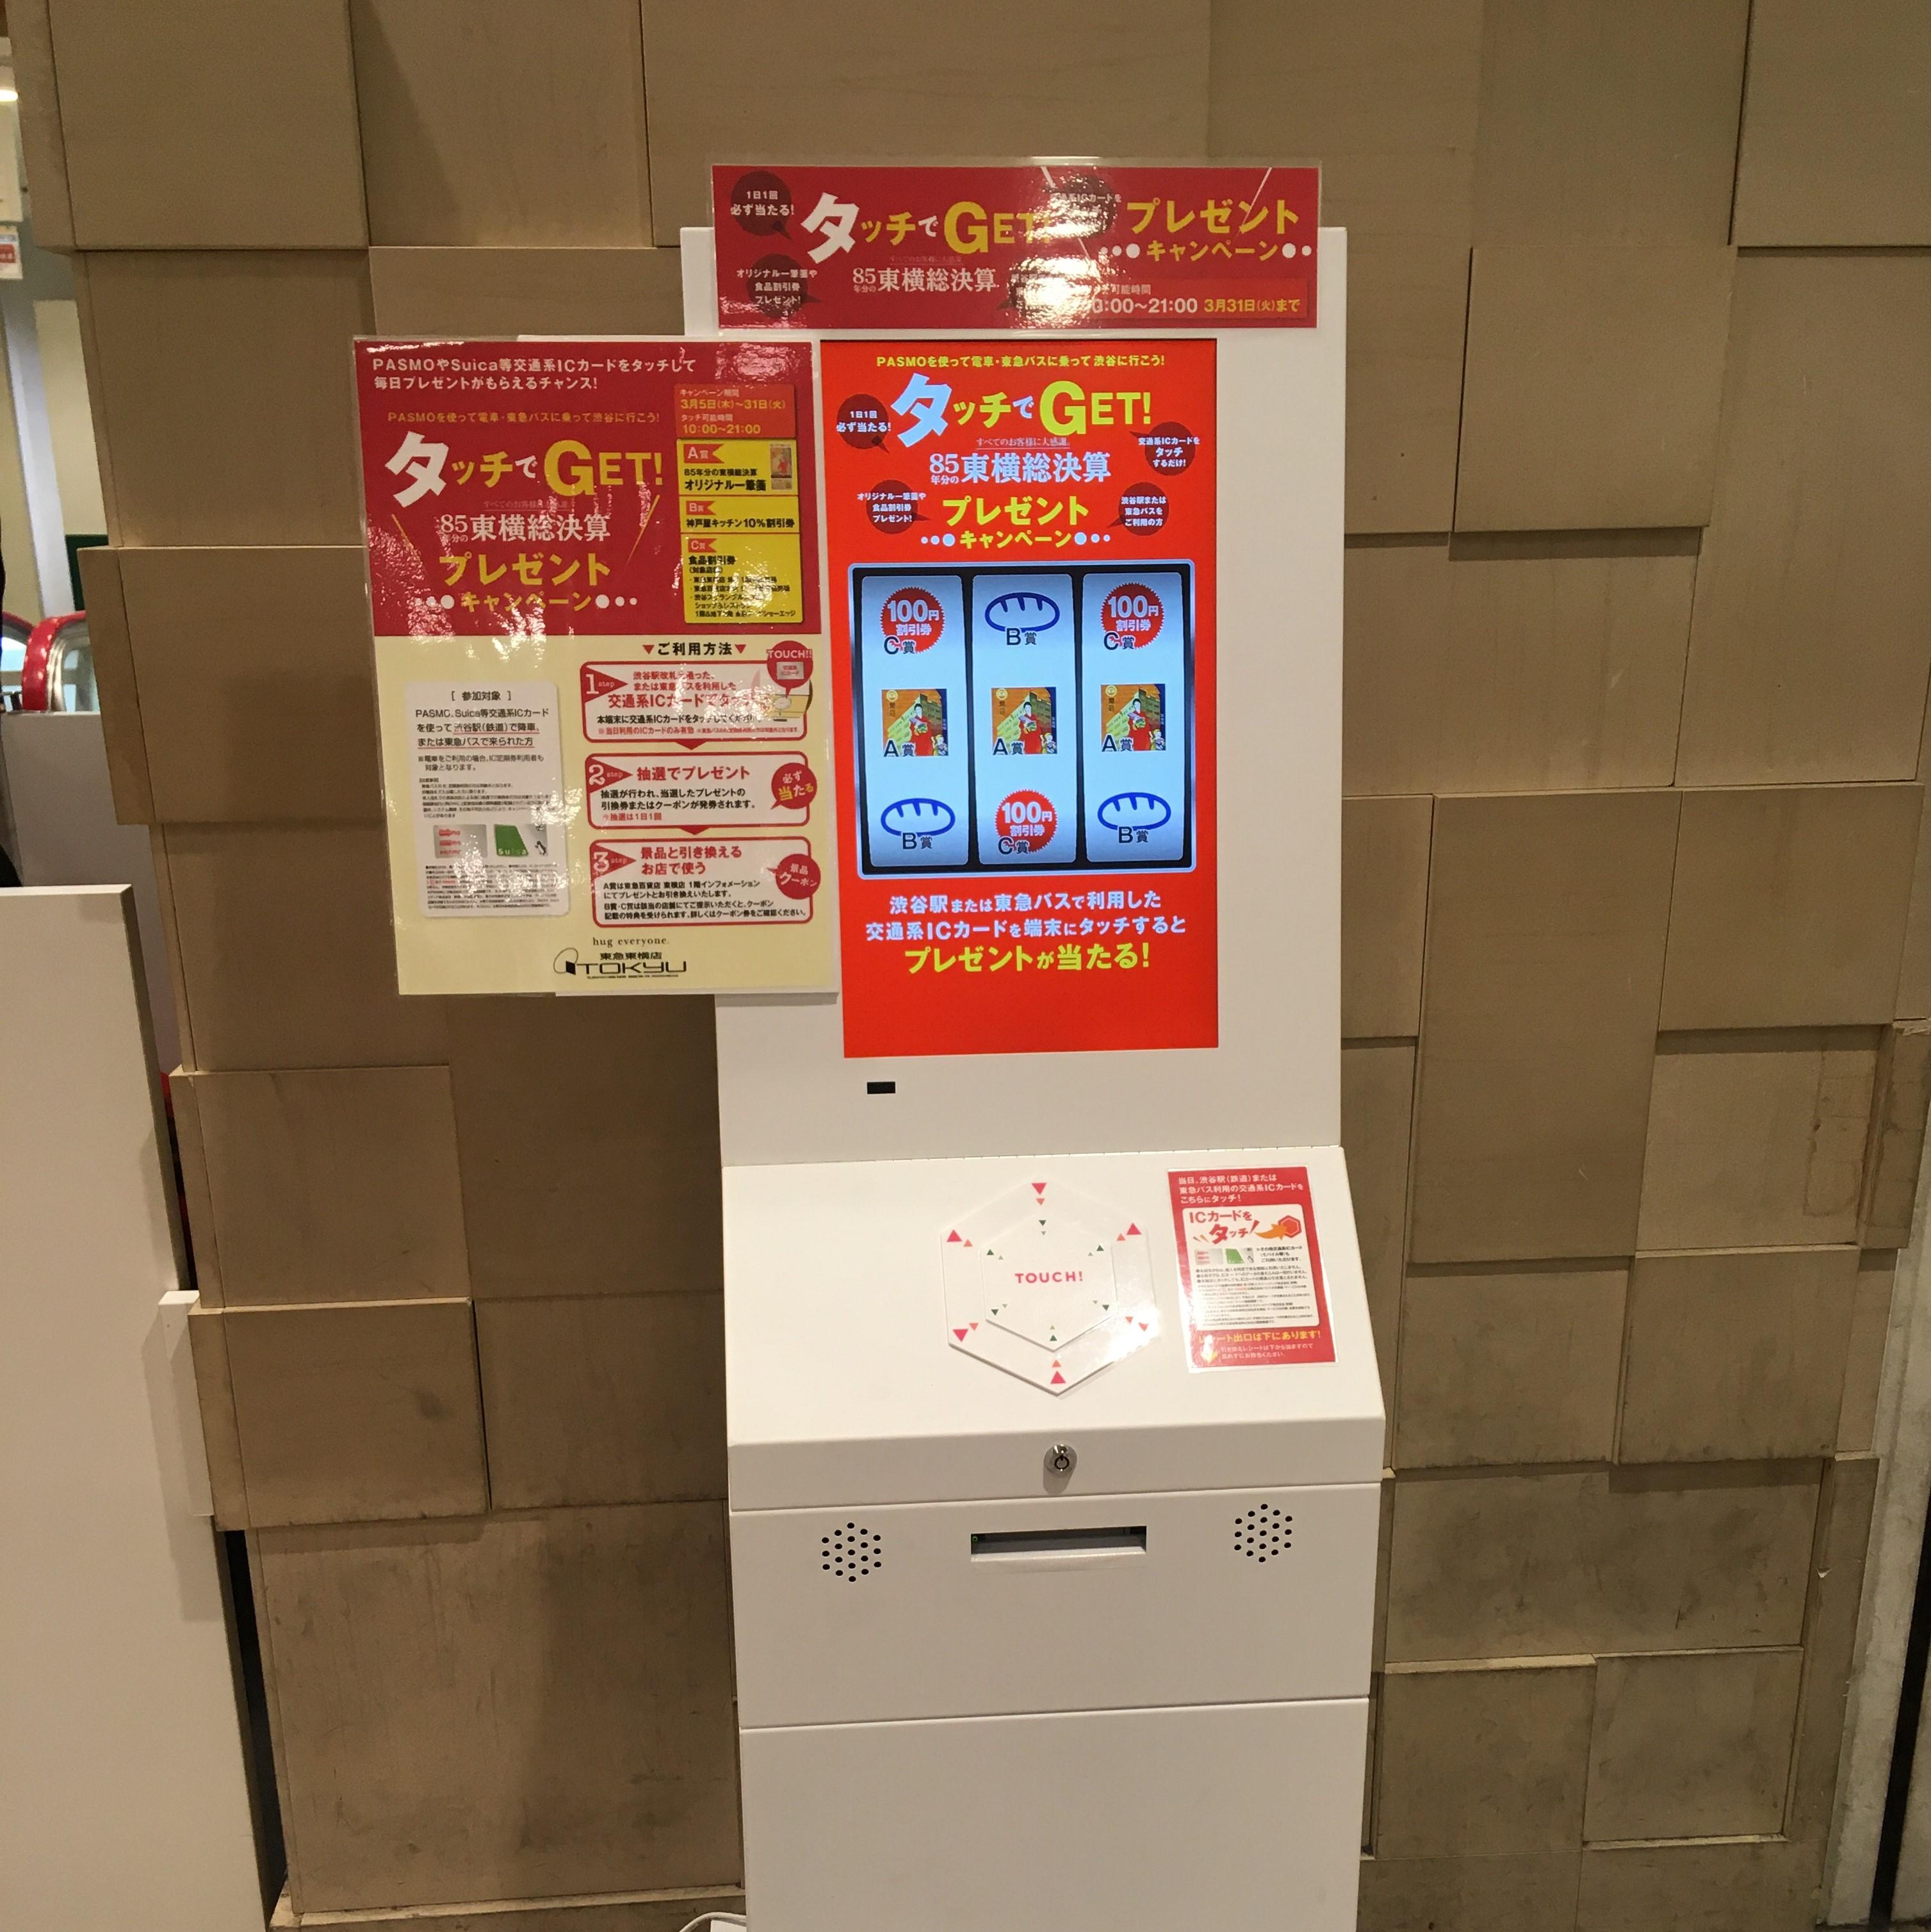 【キャンペーン】2020年3月5日(木)~31日(火)「タッチでGET! 85年分の東横総決算プレゼントキャンペーン」